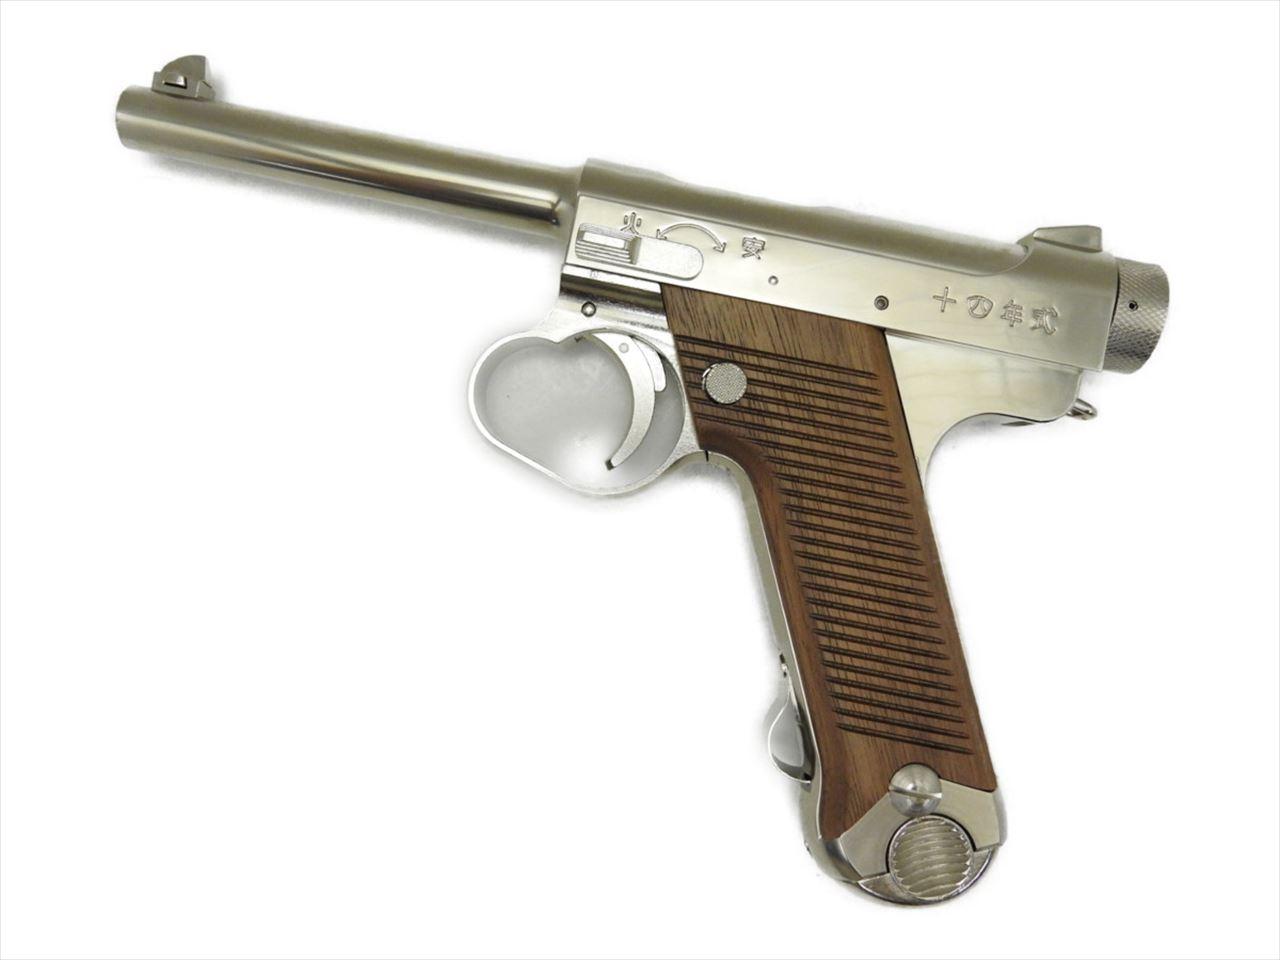 マルシン 南部 十四年式拳銃 後期型 ウォールナット 木製グリップ仕様 ニッケルシルバー エアガン モデルガン ガスガン 18歳以上 新品 062283